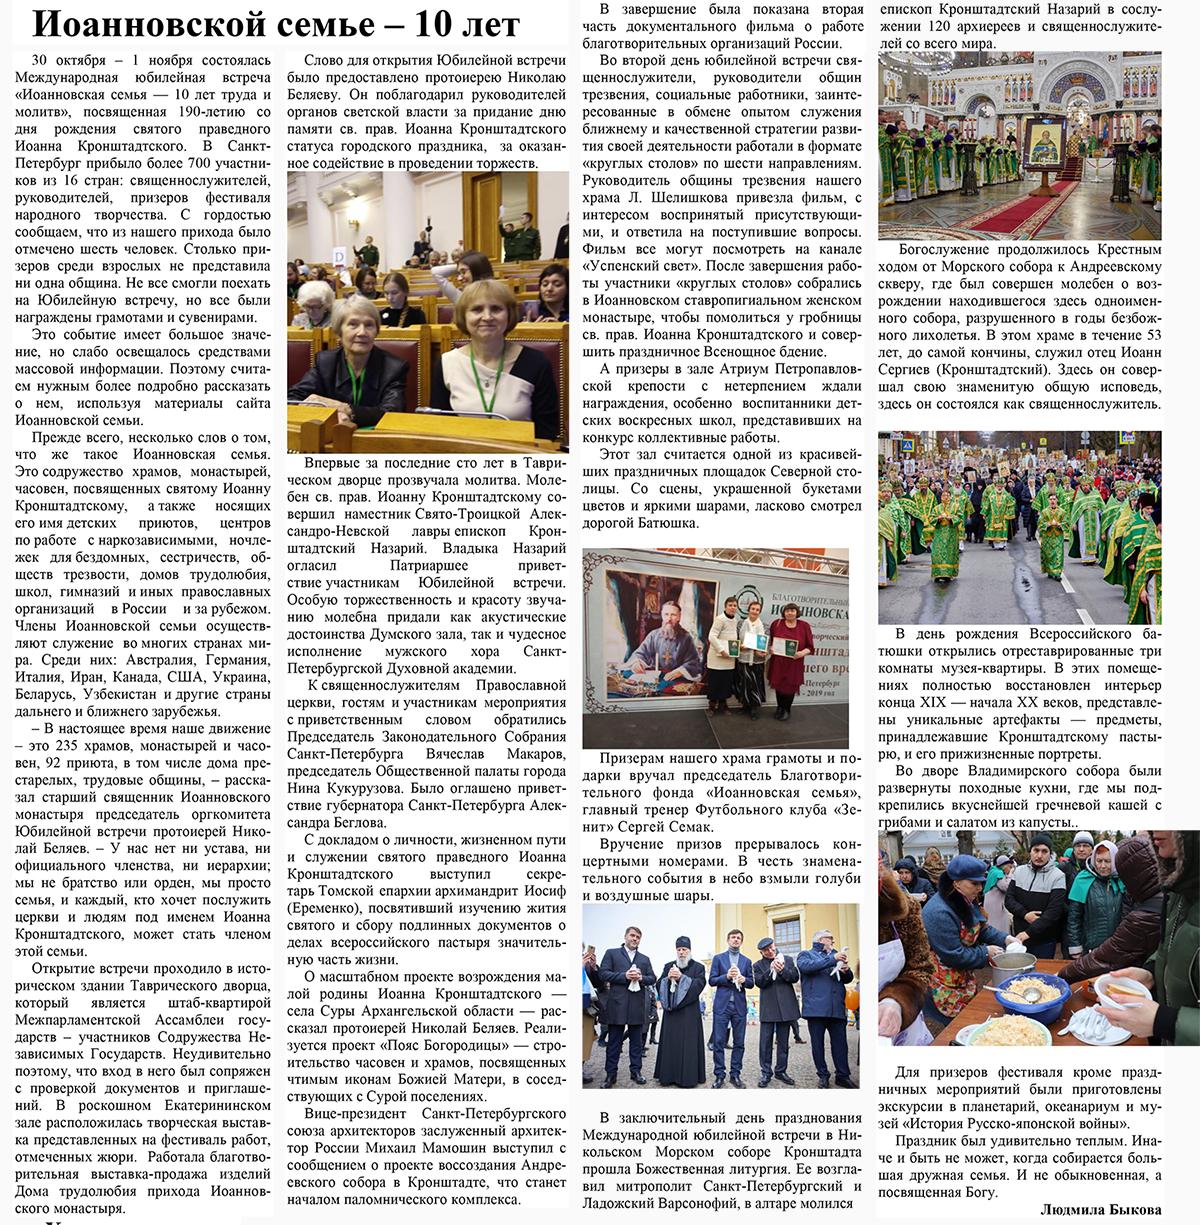 Успенский вестник, приходская газета храма г. Калуги, No 10 (50), октябрь 2019